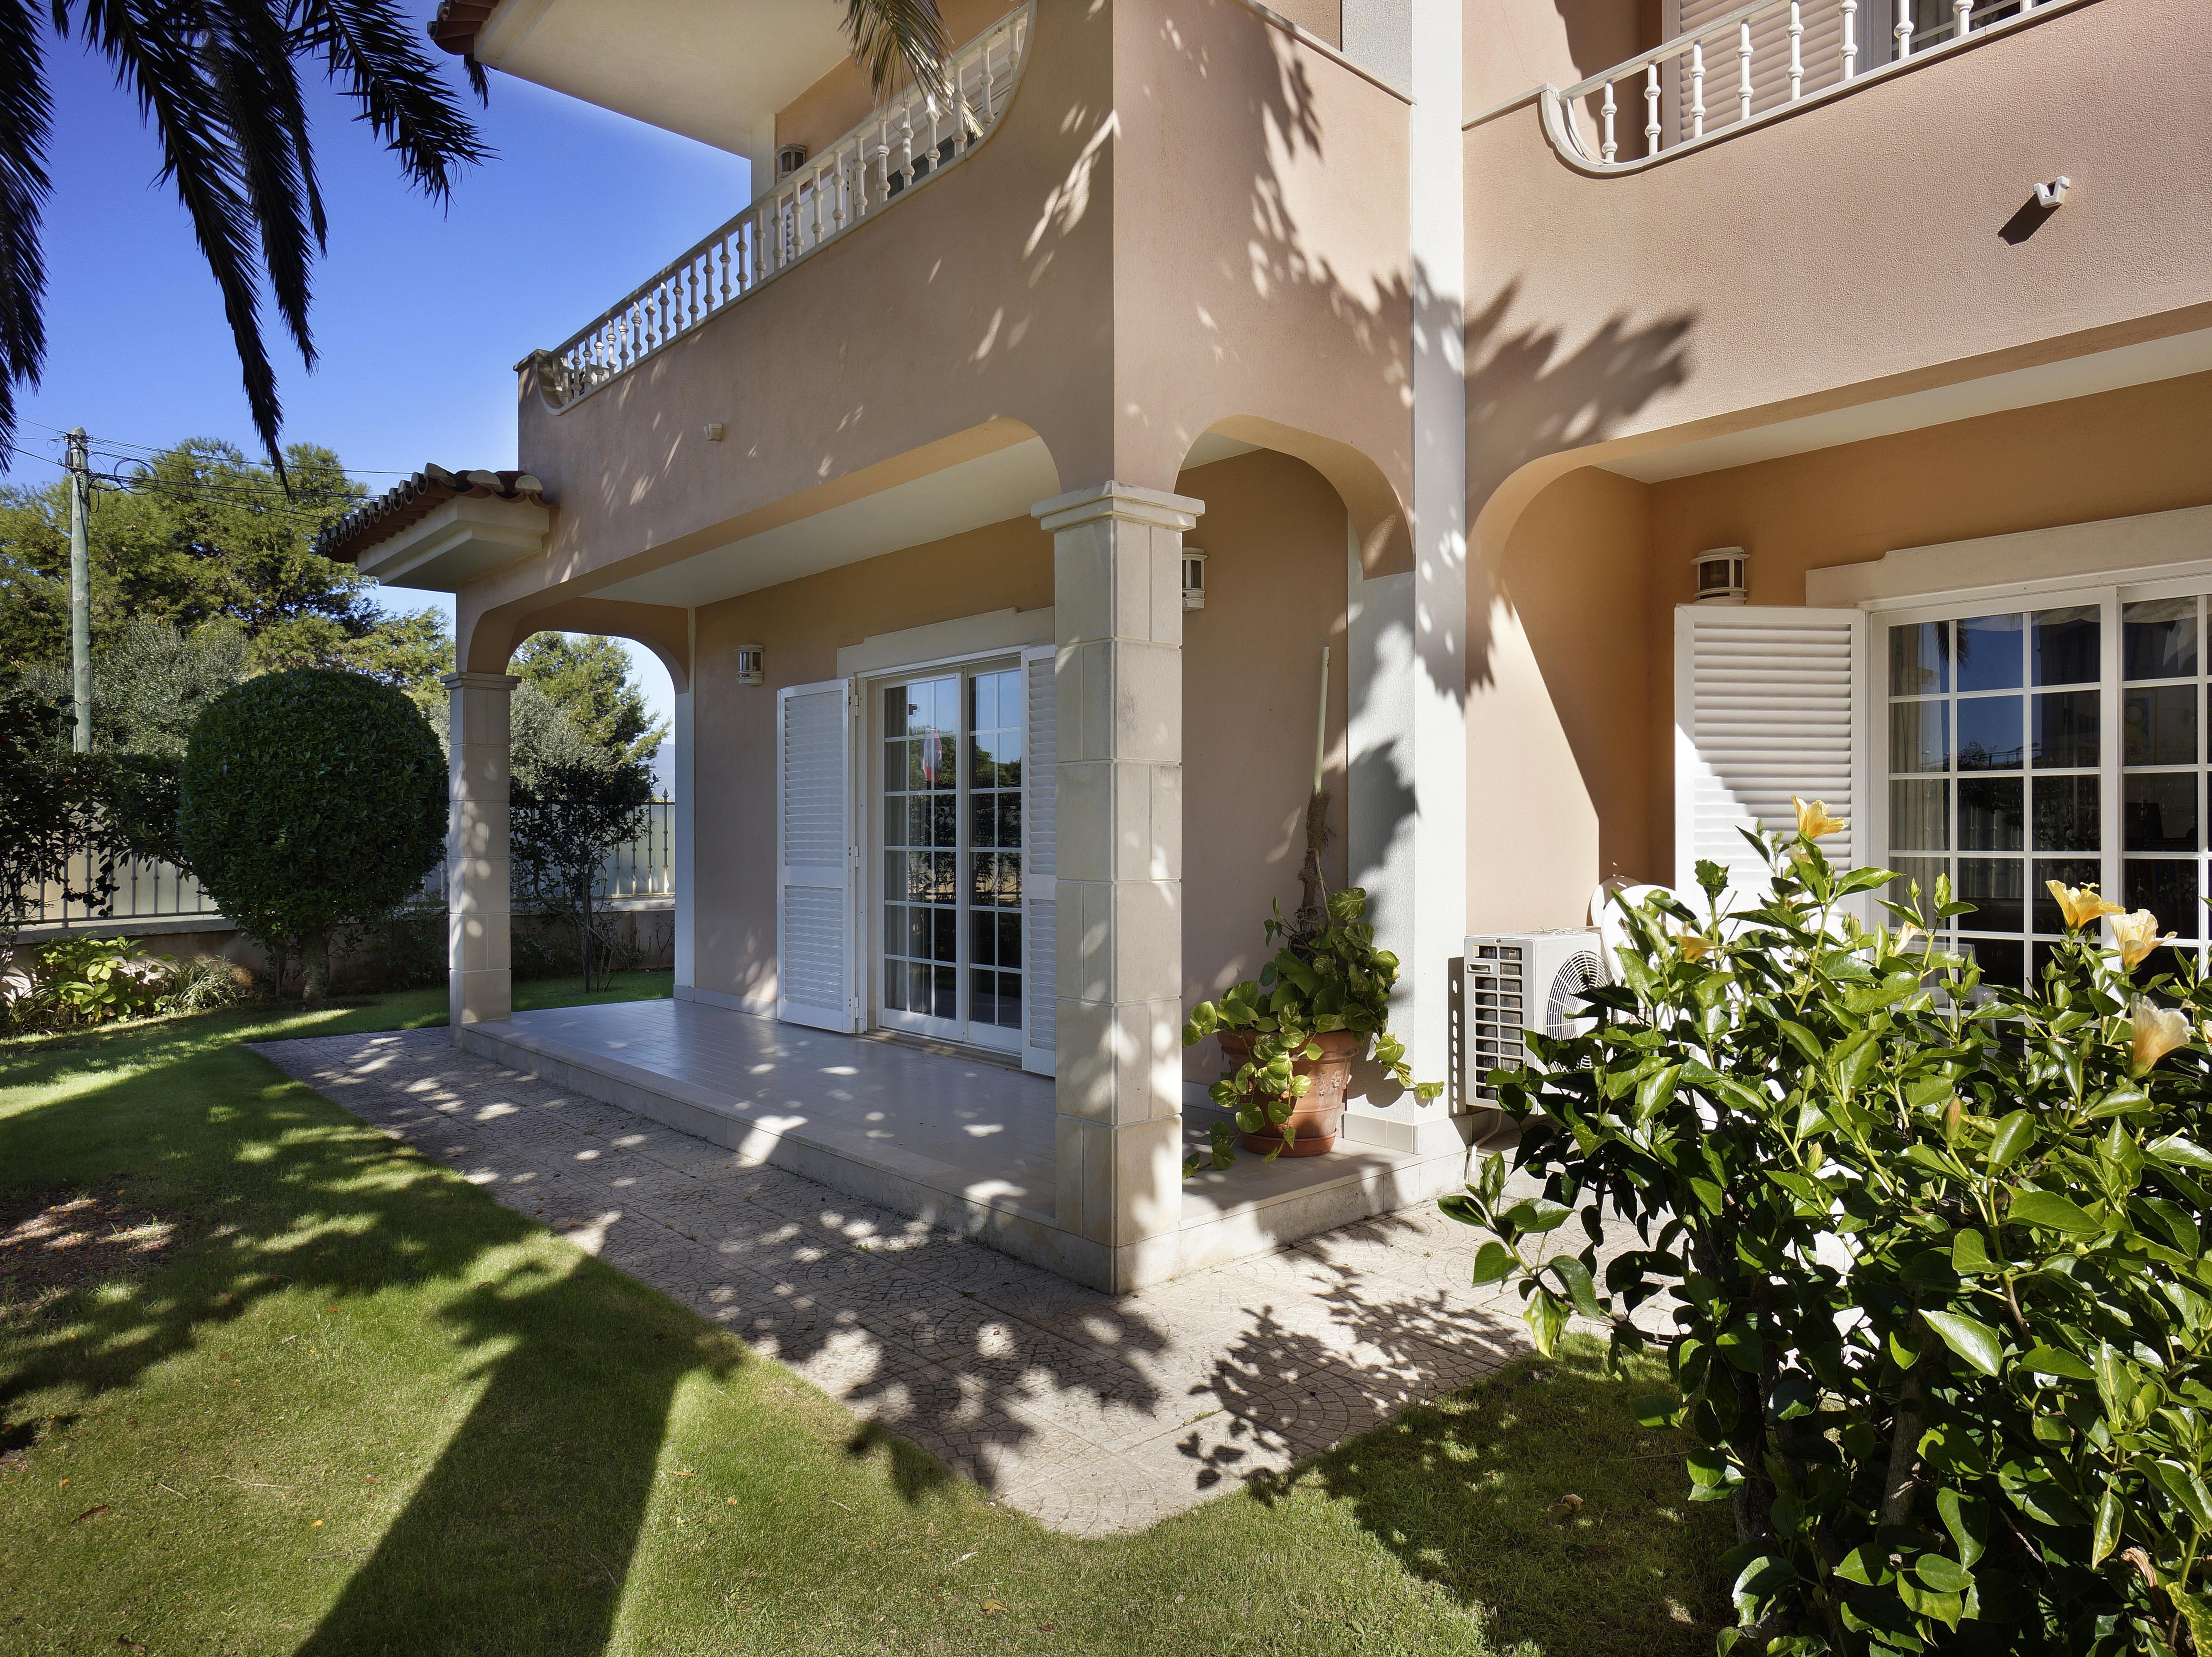 단독 가정 주택 용 매매 에 House, 4 bedrooms, for Sale Cascais, 리스보아, 2750-690 포르투갈